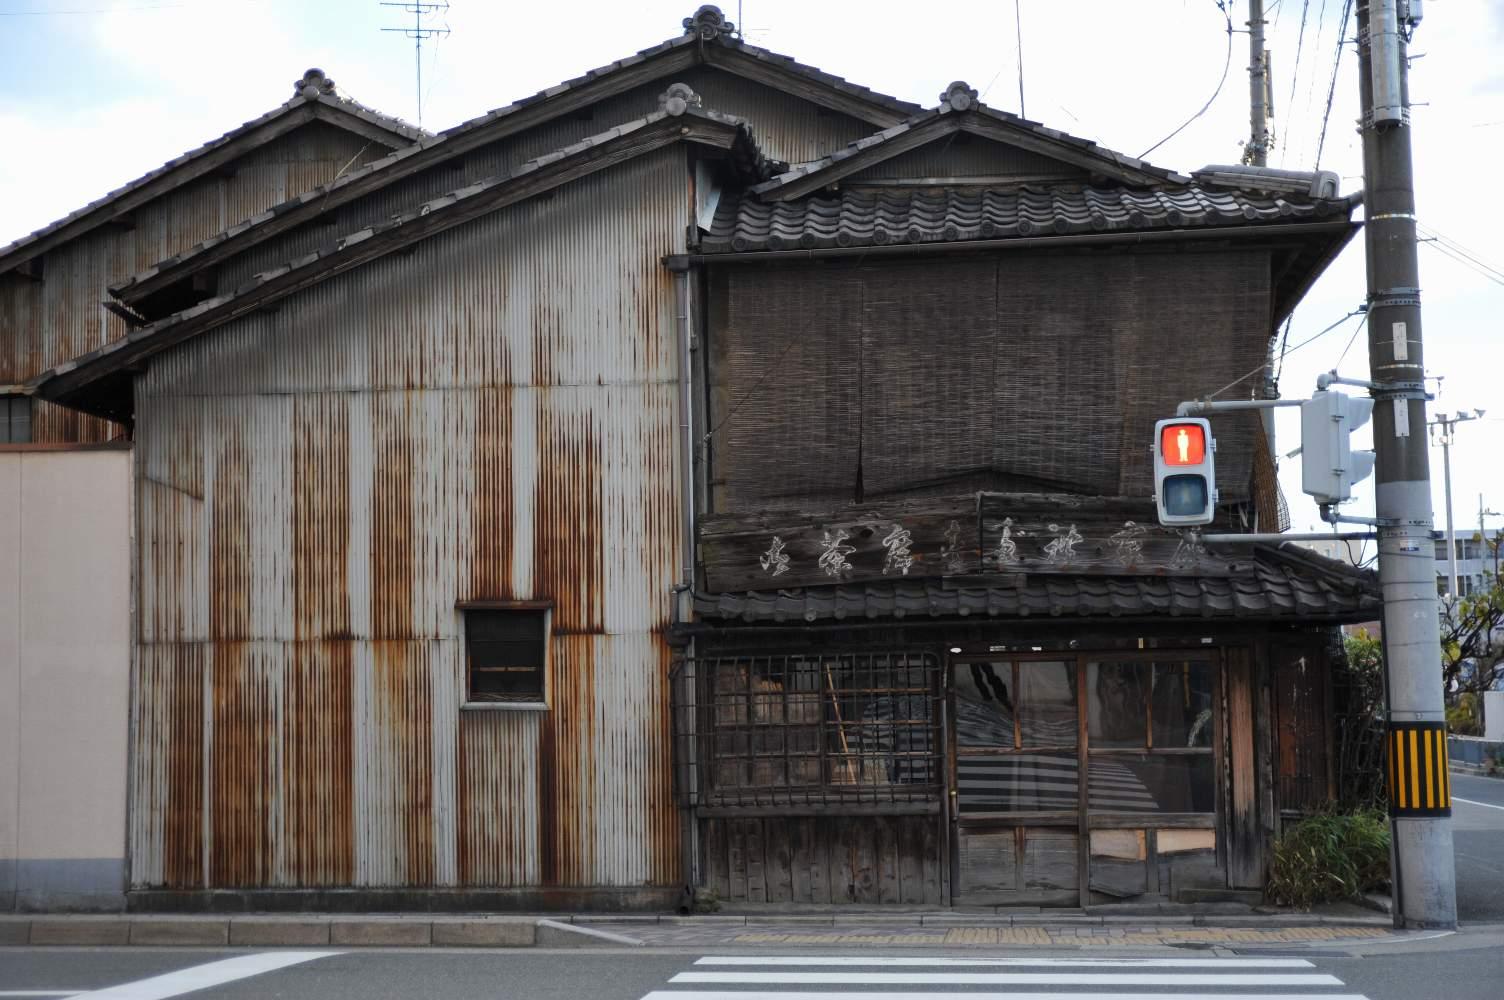 京都ぷらぷら_b0069128_14254755.jpg